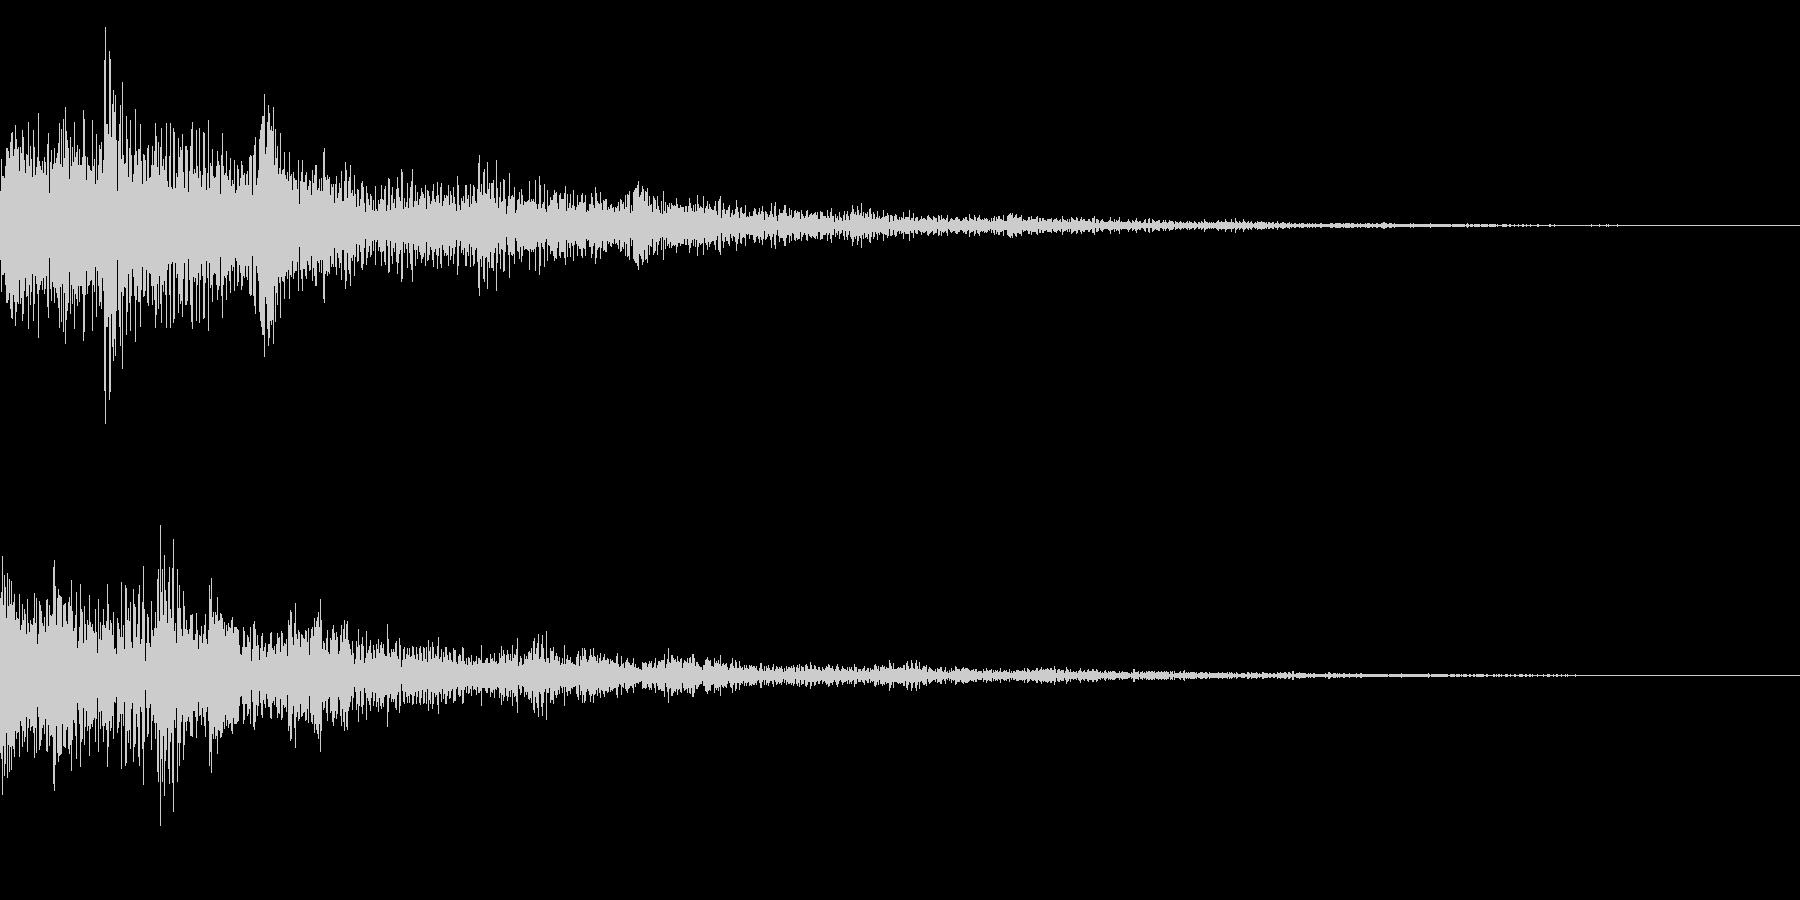 テロップ音(映像、ニュース、報道など)1の未再生の波形